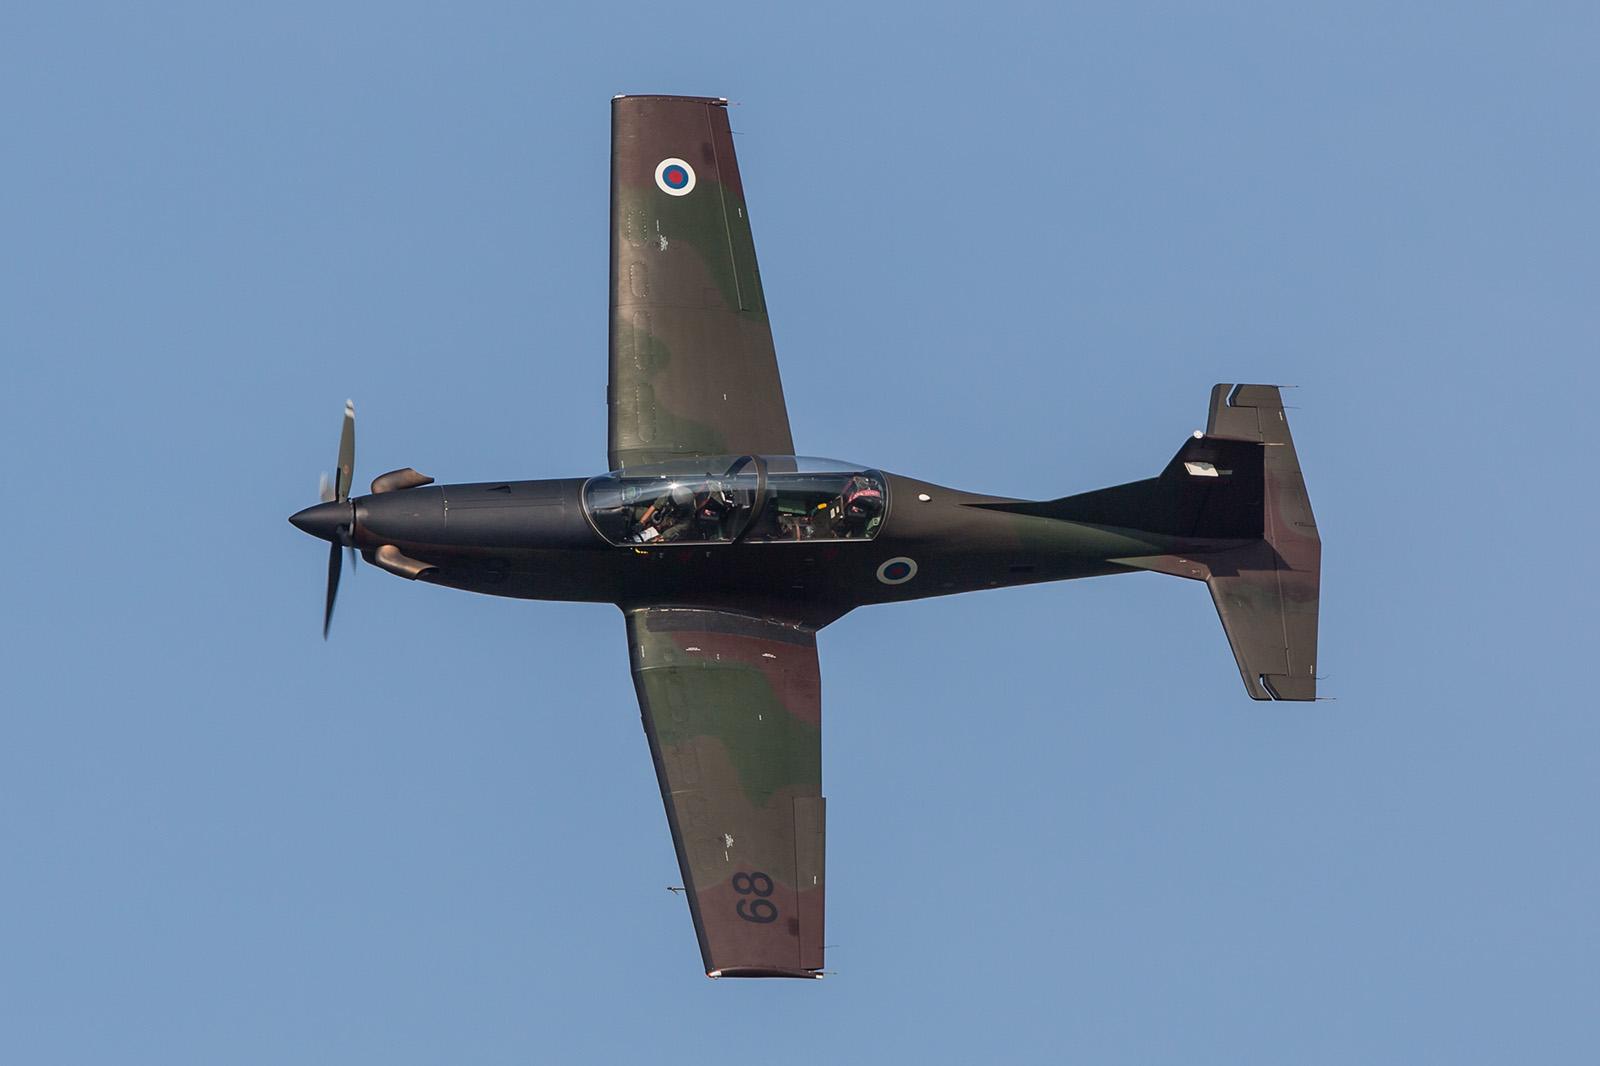 Auch in Ostrava gab es die PC-9 der Slowenischen Luftwaffe.